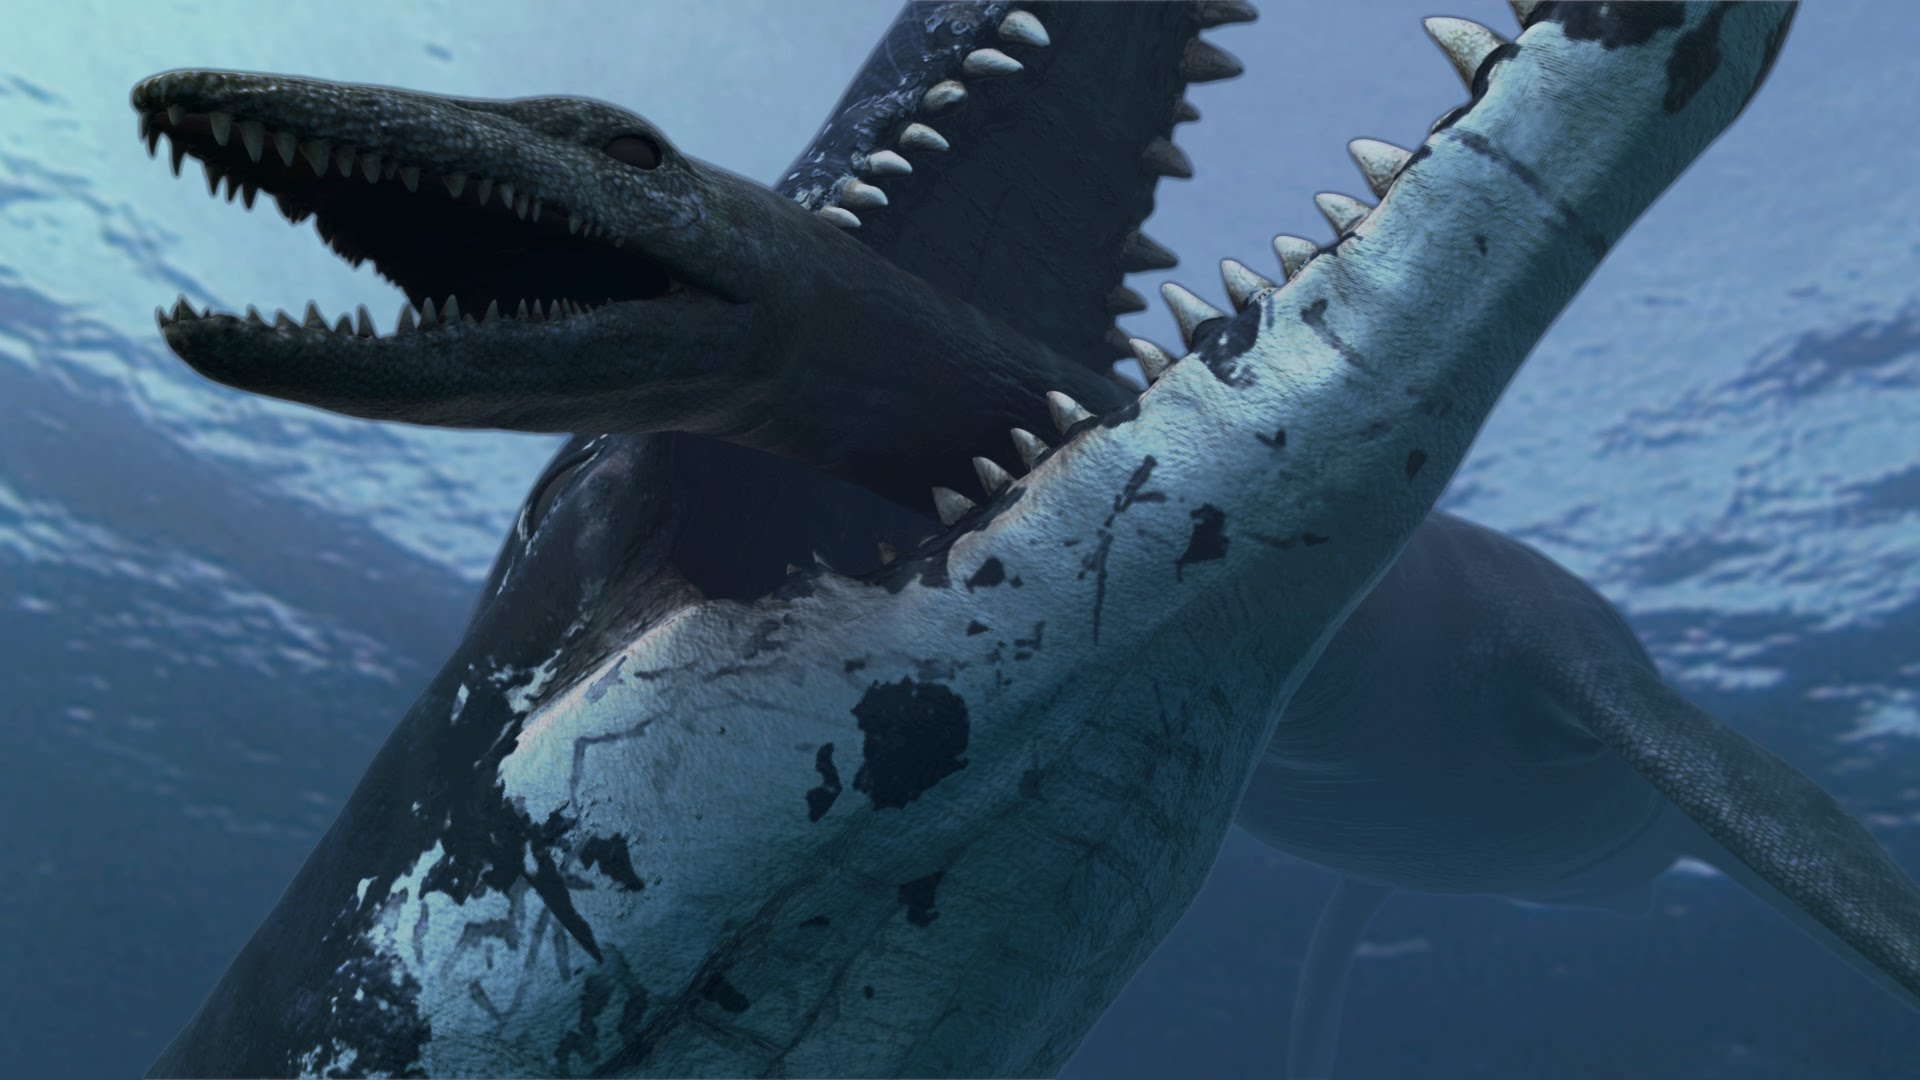 Динозавр хищник икс, Predator X